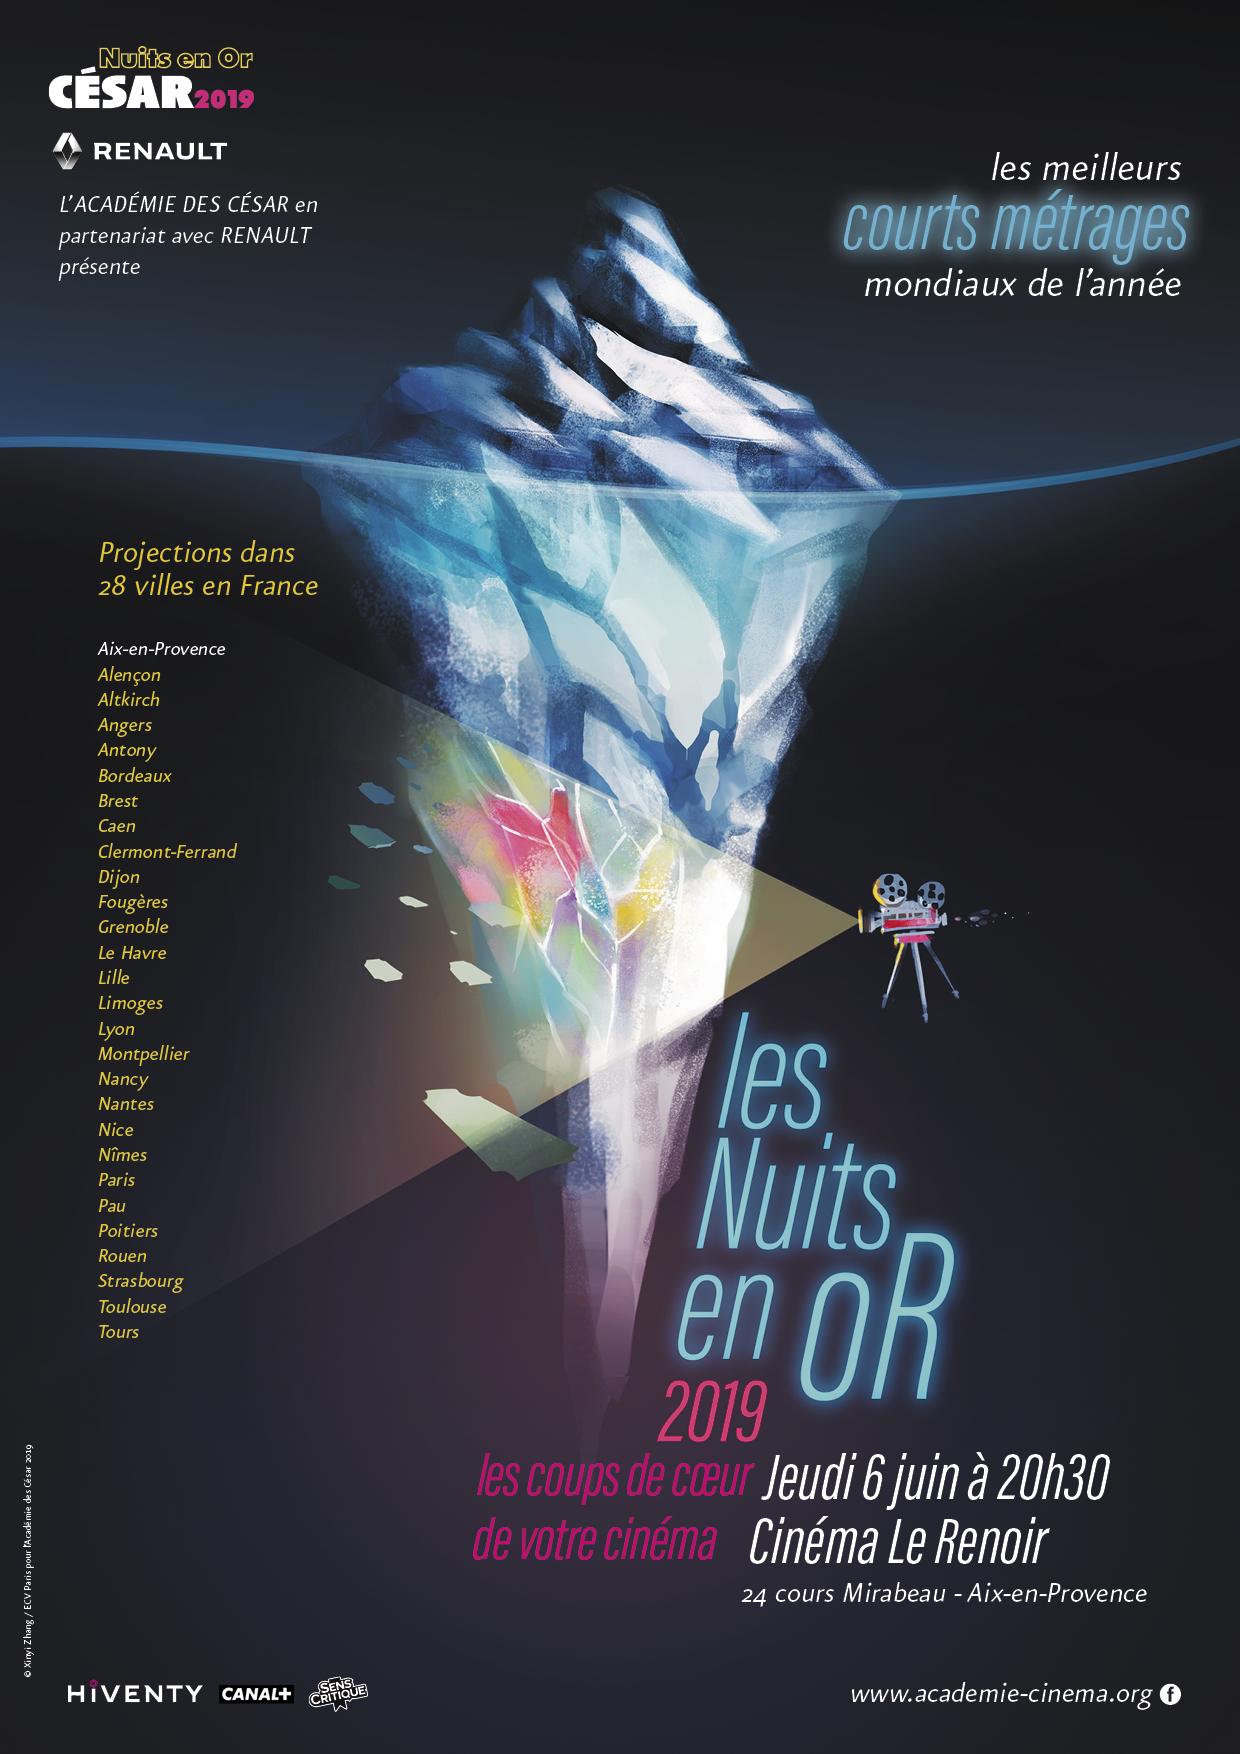 La Academia de Cine recibe en junio a Joan Pera y a André Aciman